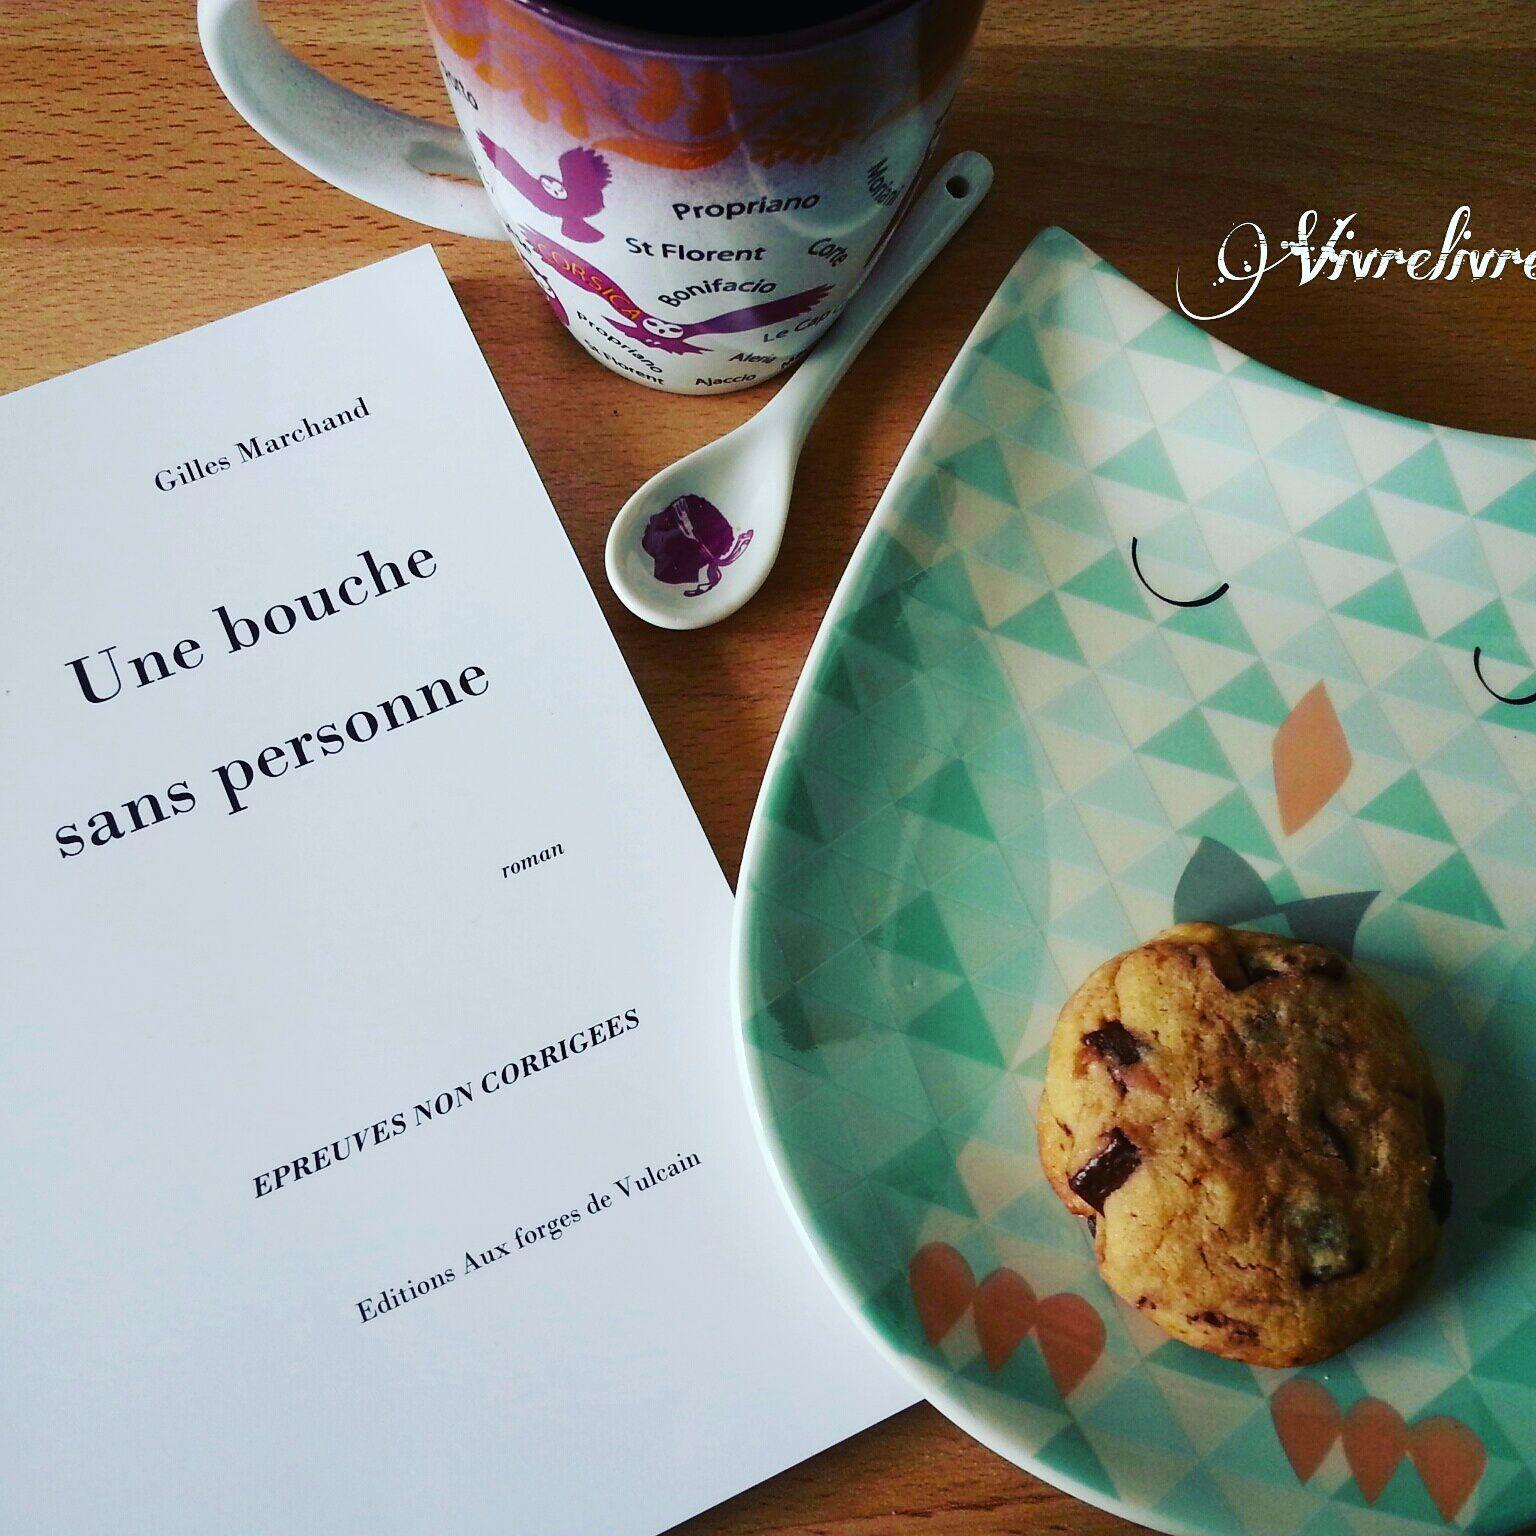 """Autre """"C'est Lundi"""" avec un roman de la Rentrée Littéraire qui aborde les relations sociales. Souvenir de Corse et cookie fait par mon 7 ans pour un goûter parfait!"""